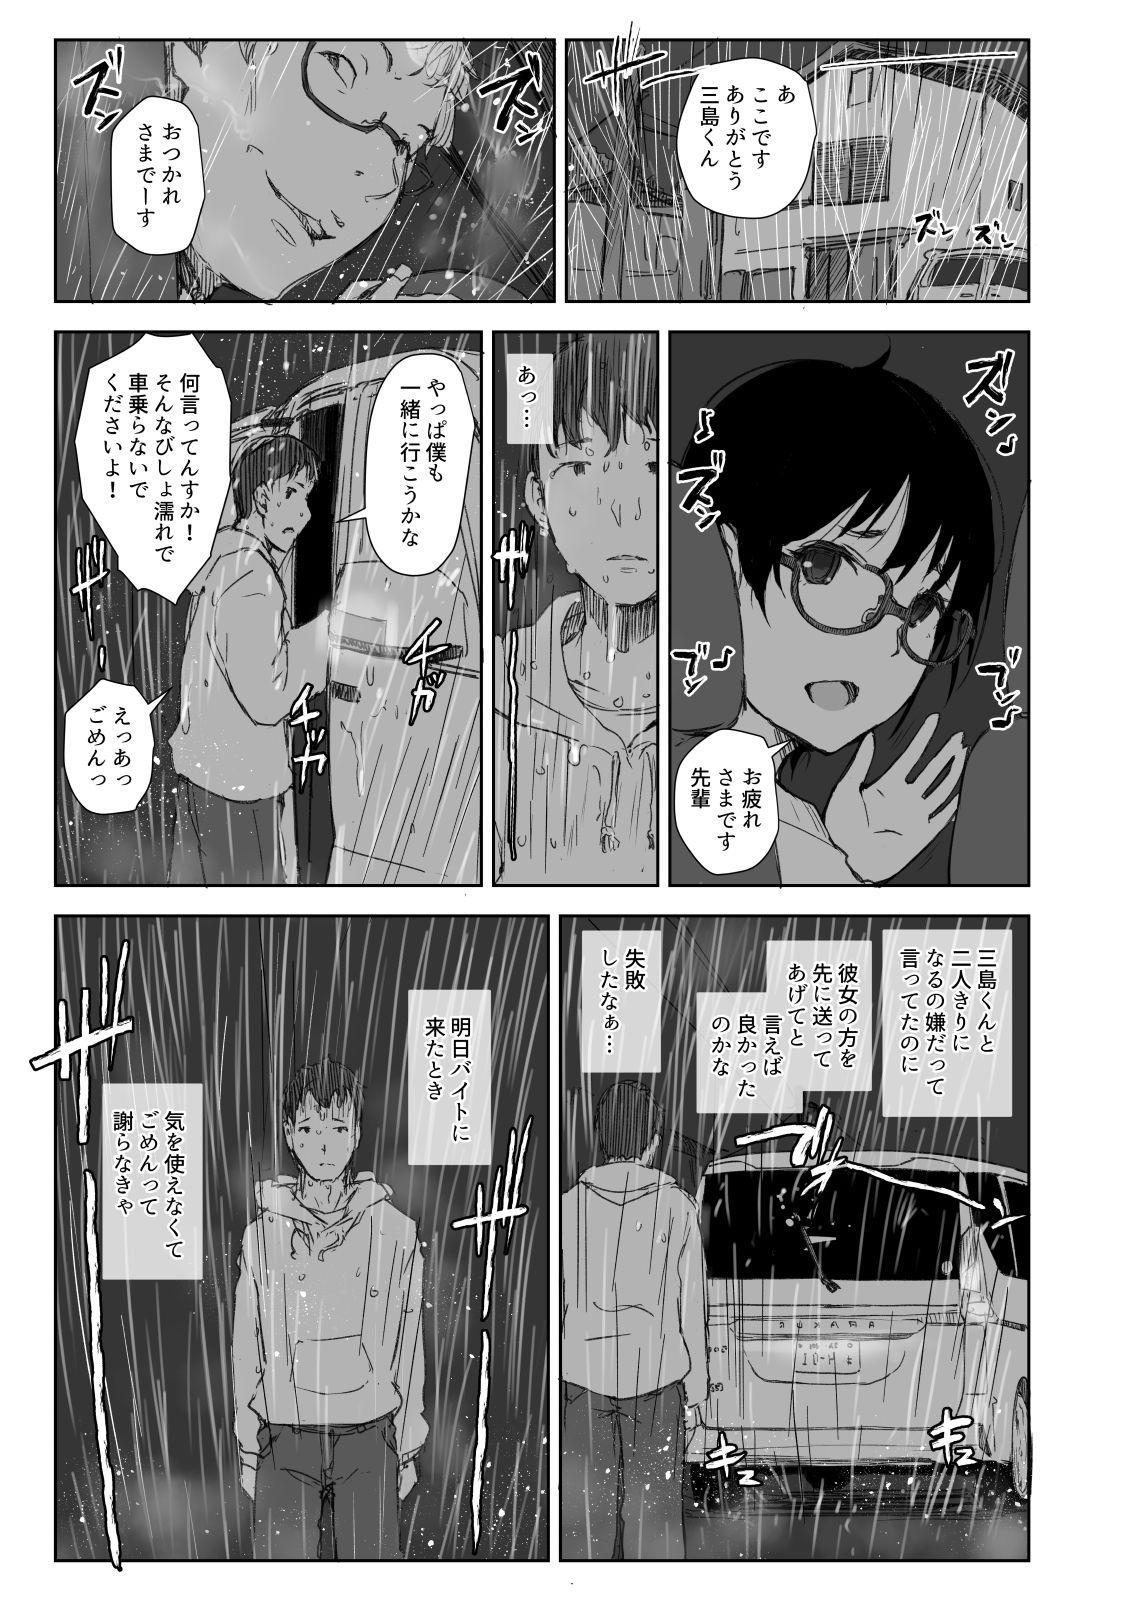 Shortcut de Megane no Niau Hitonatsukoi Beit no Kouhai ga Yarichin Douryou no Kuruma de Okurarete kara Mudankekkin Shiteiru + Omake 6